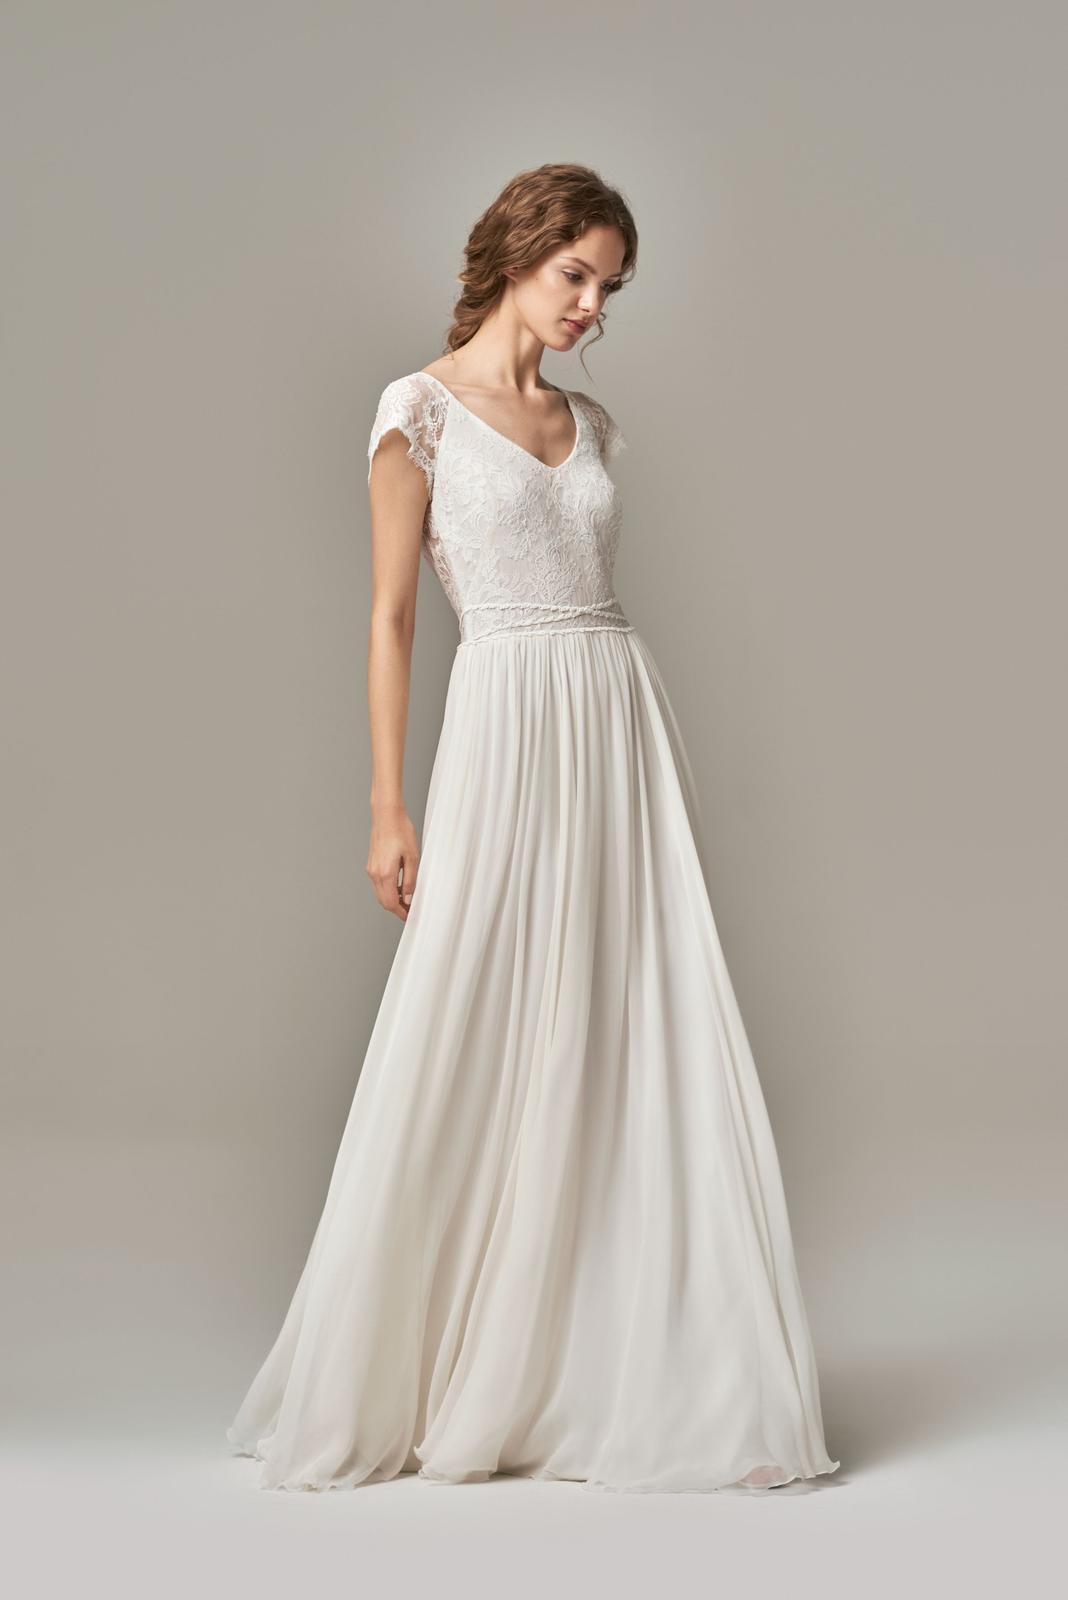 Anna Kara * Svadobné šaty z kolekcií na rok 2019 - Obrázok č. 24